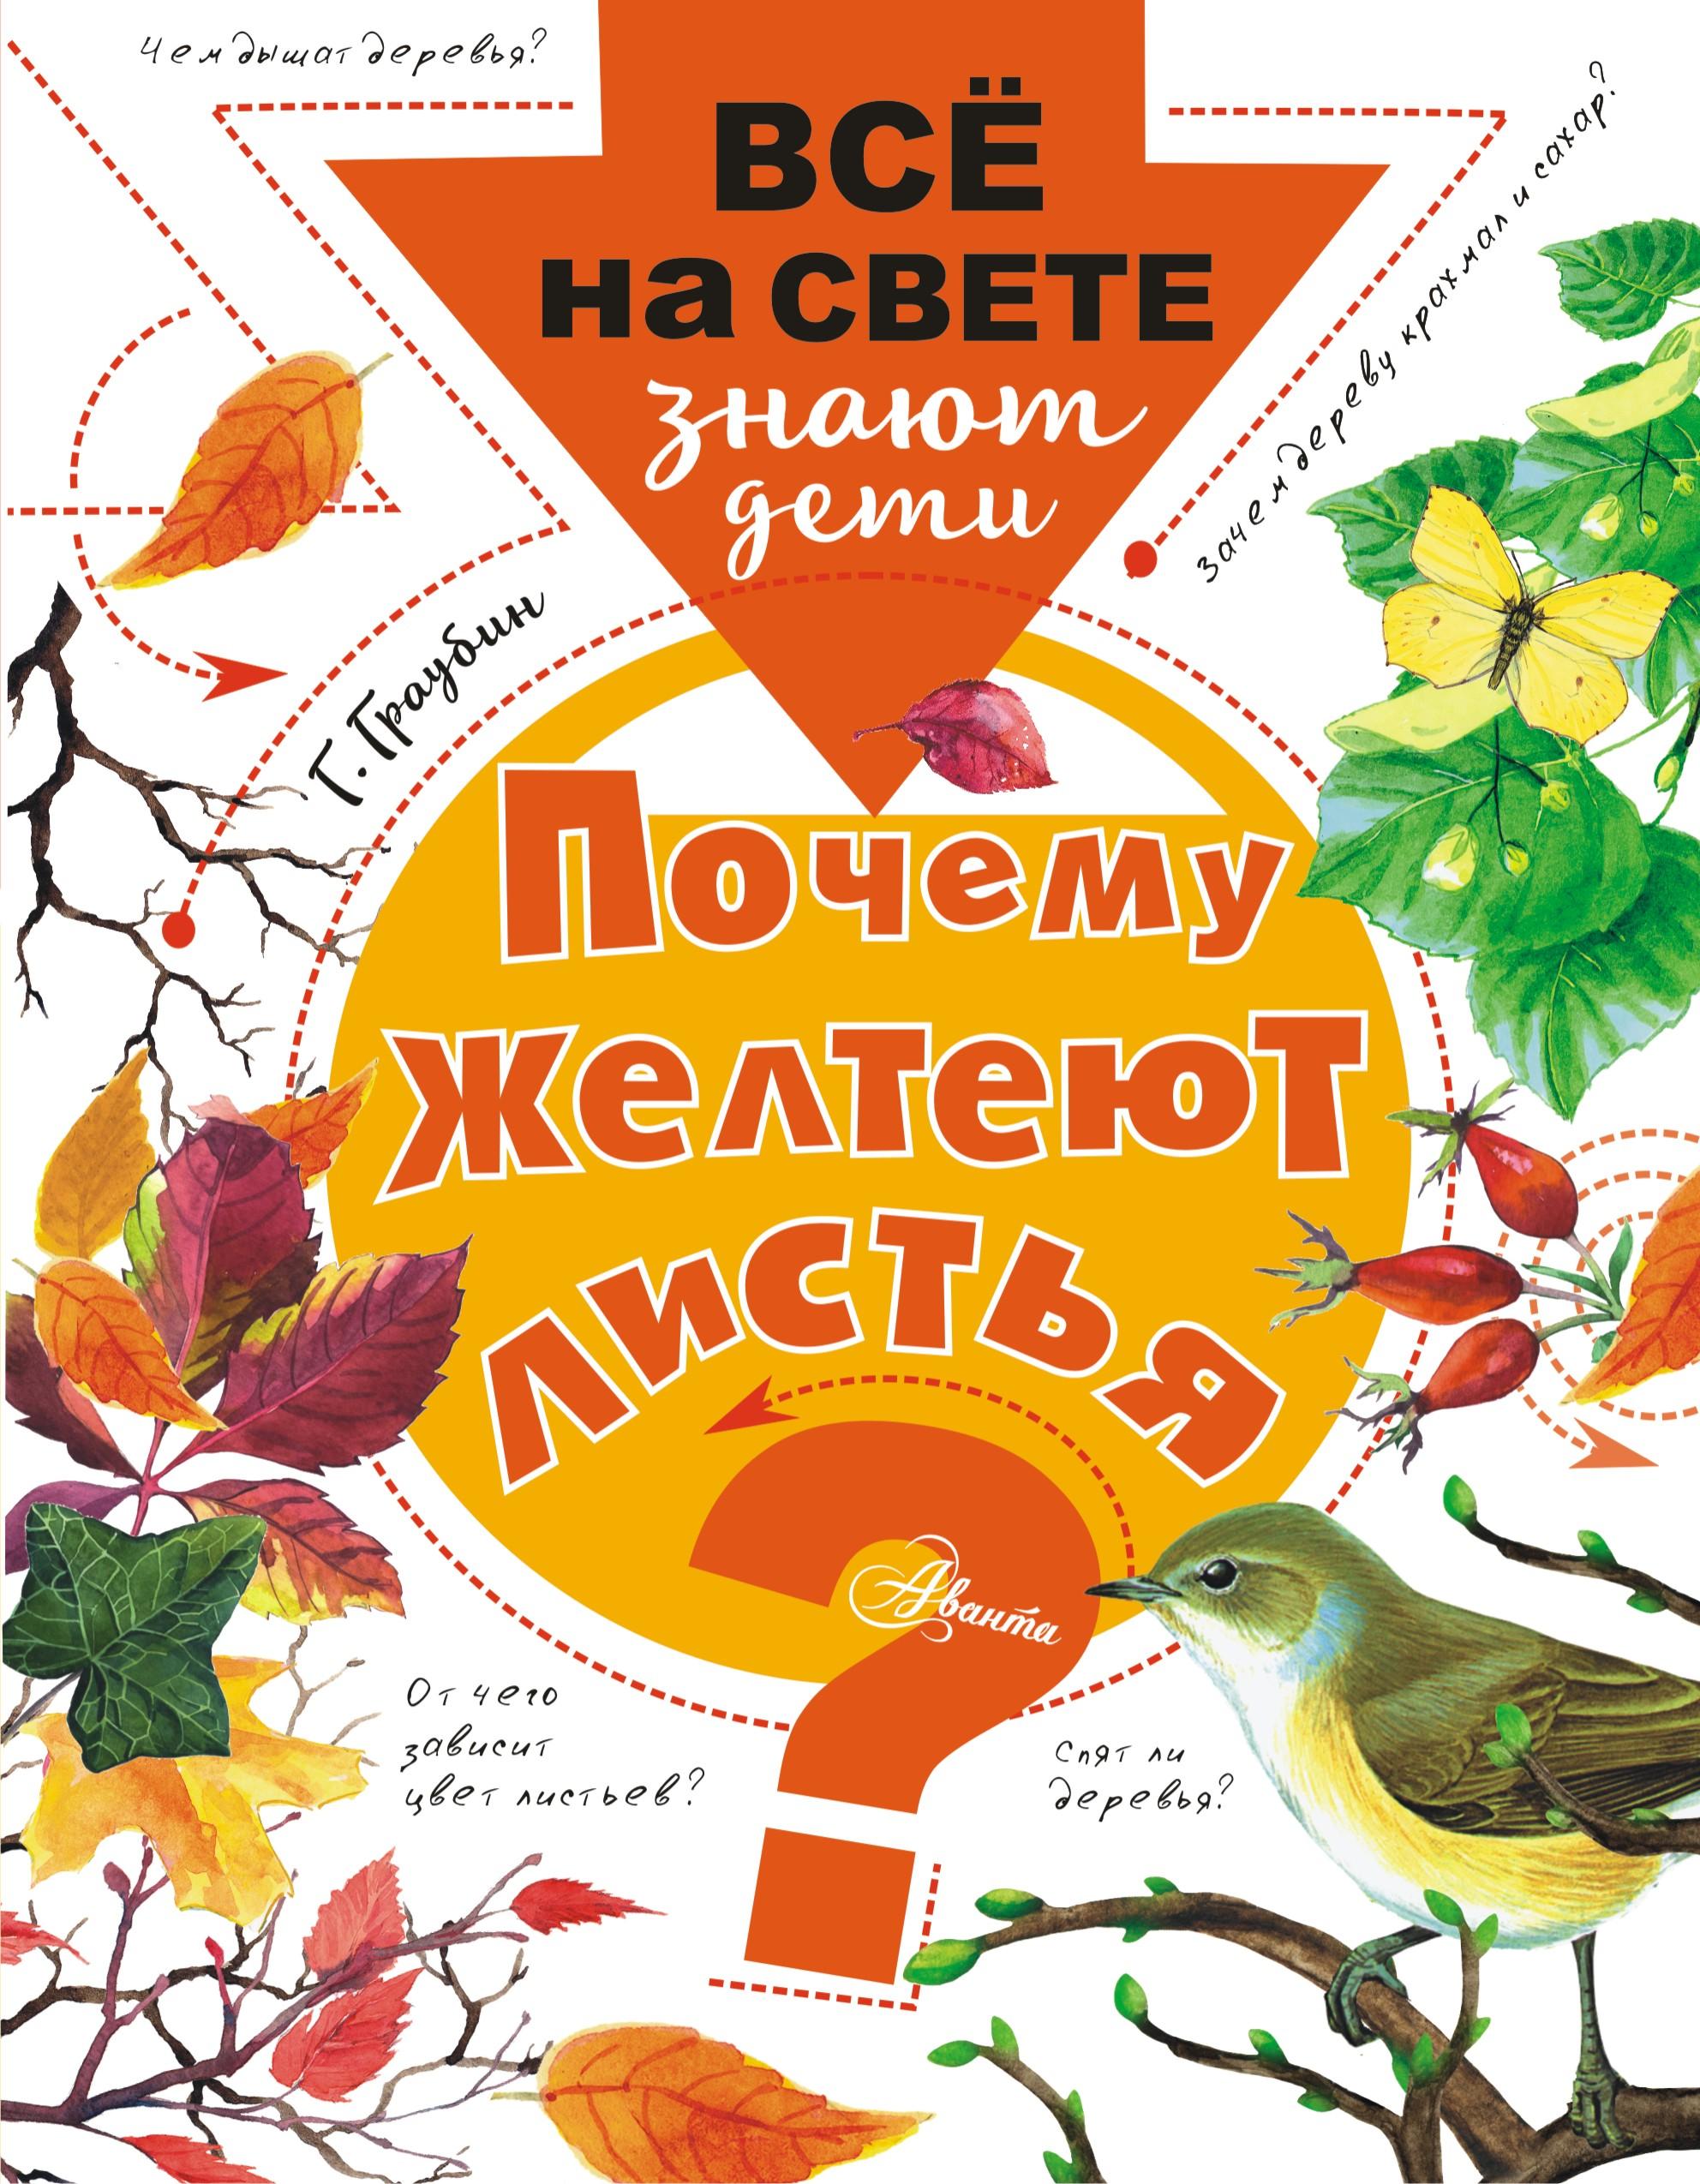 Граубин Г.Р. Почему желтеют листья? обучающая книга феникс брошюра познавательные прописи деревья и листья 33981